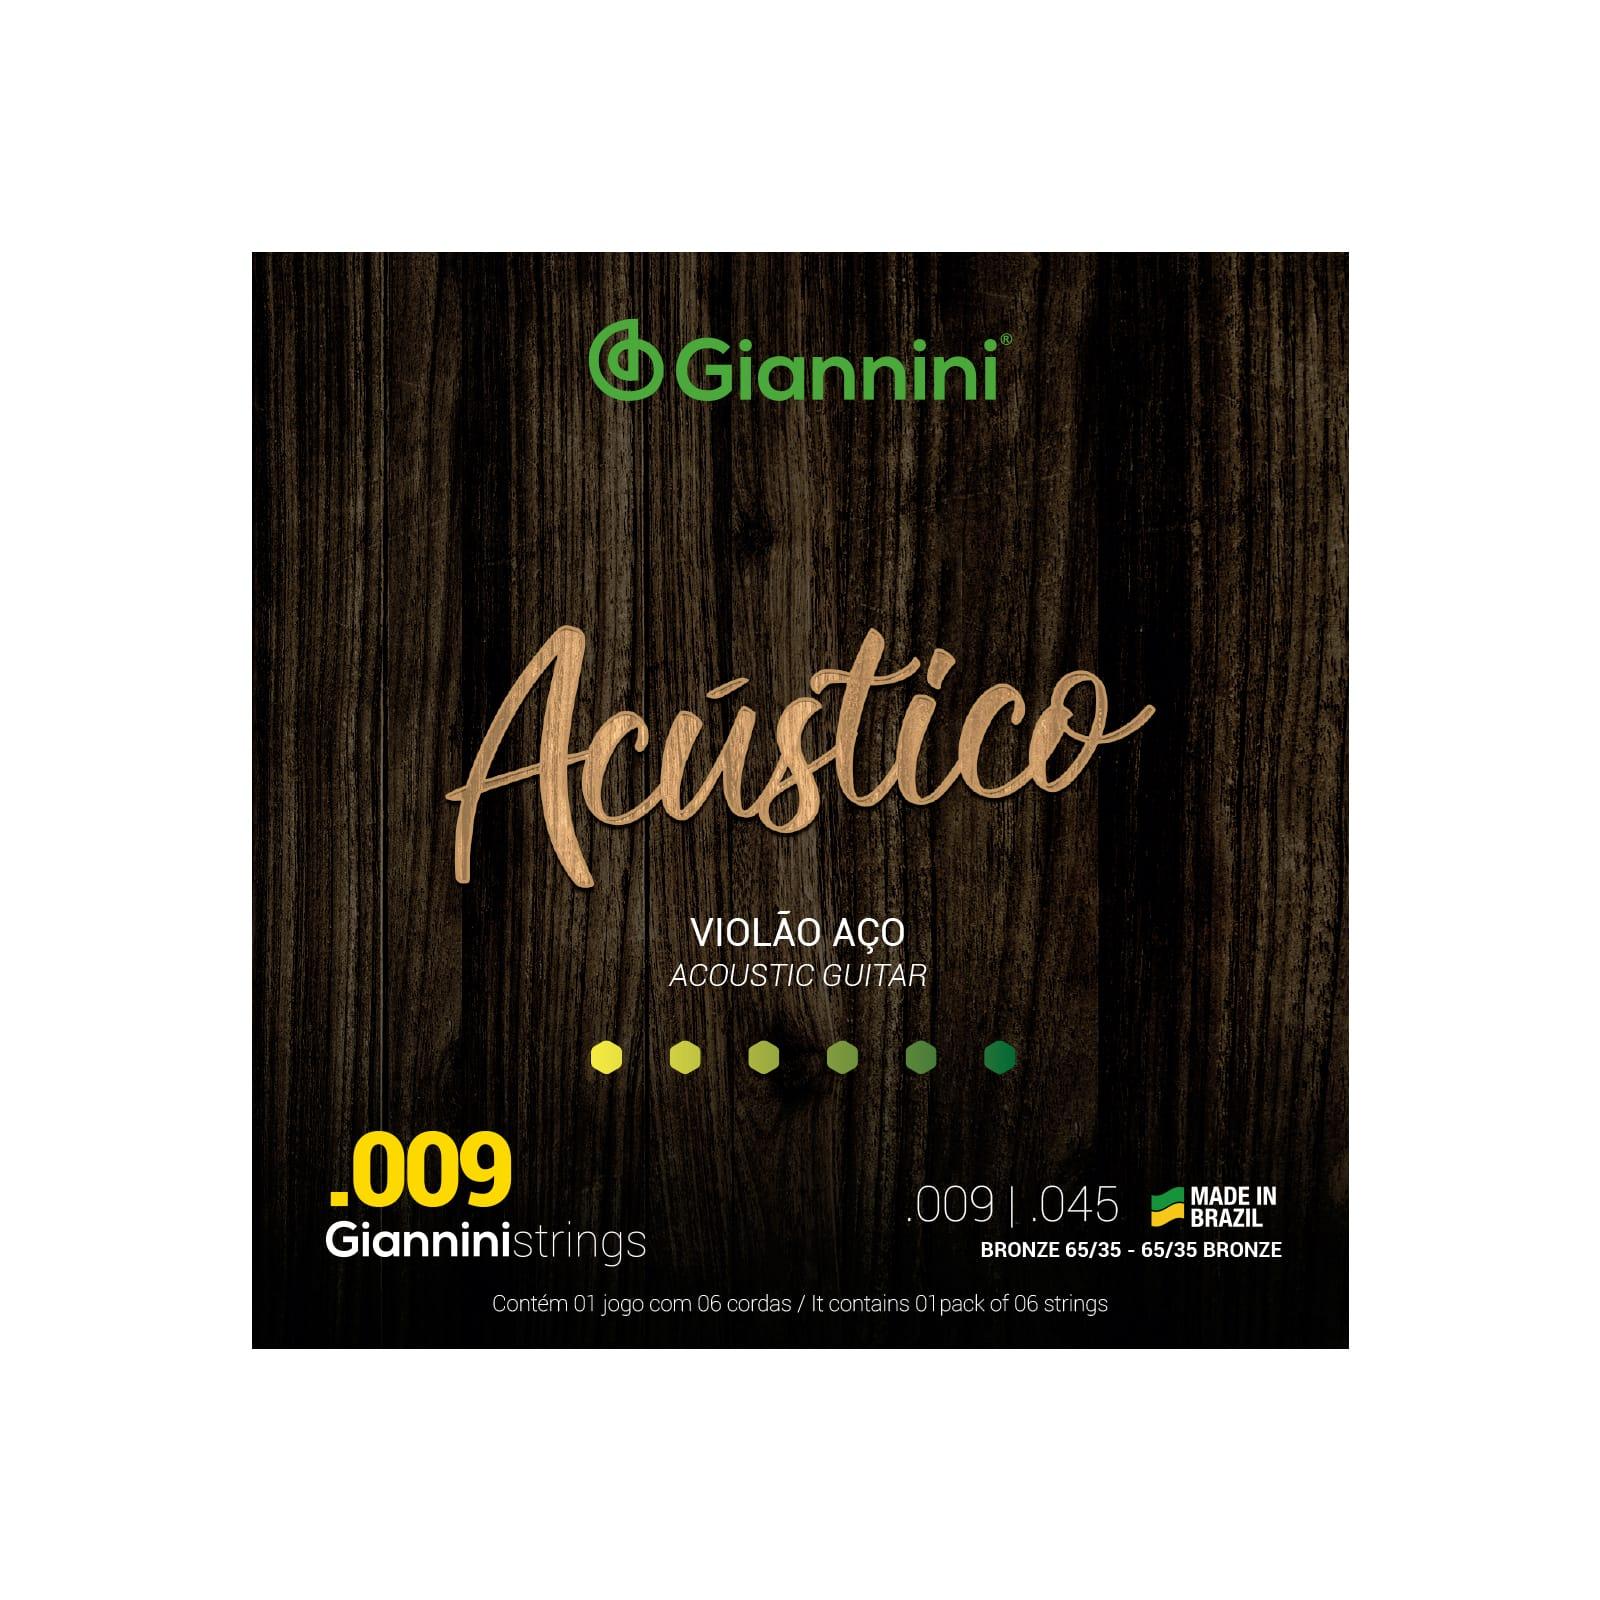 Encordoamento Giannini para Violão Aço 6 cordas Acústico Bronze 65/35 GESWAL (.009 – .045)